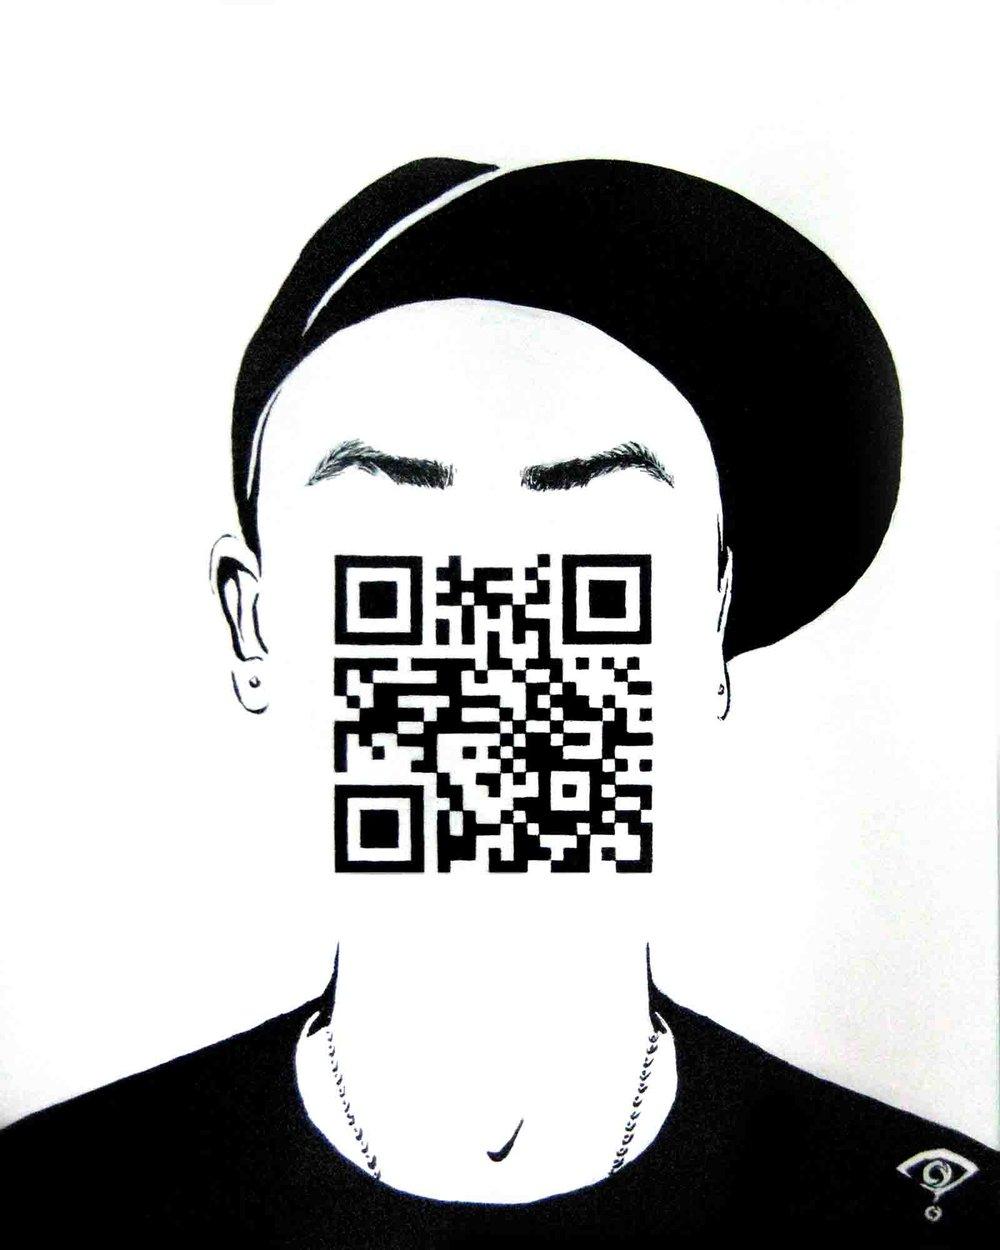 QR Code portrait